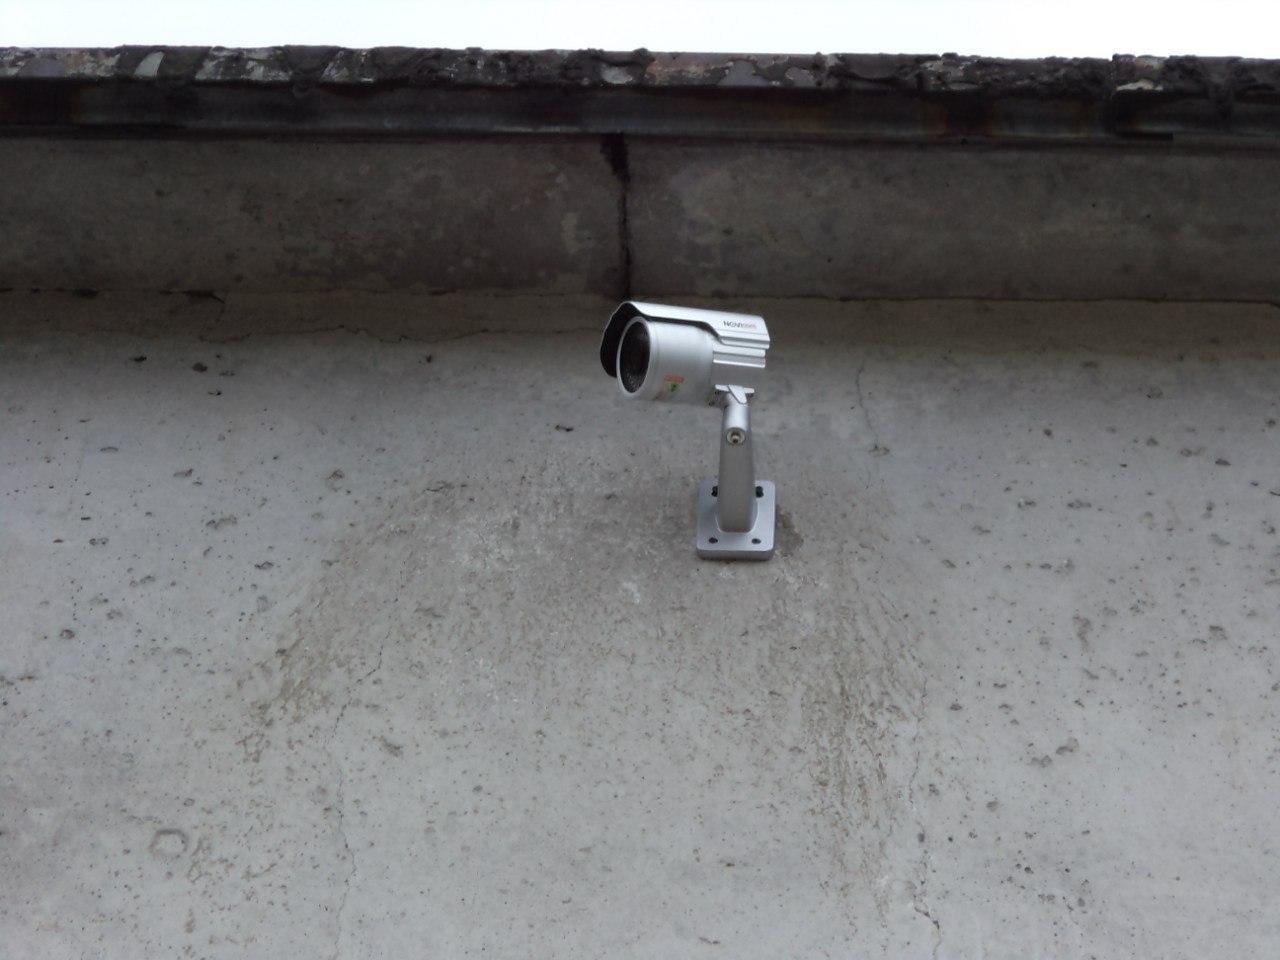 Ip камера то работает то нет